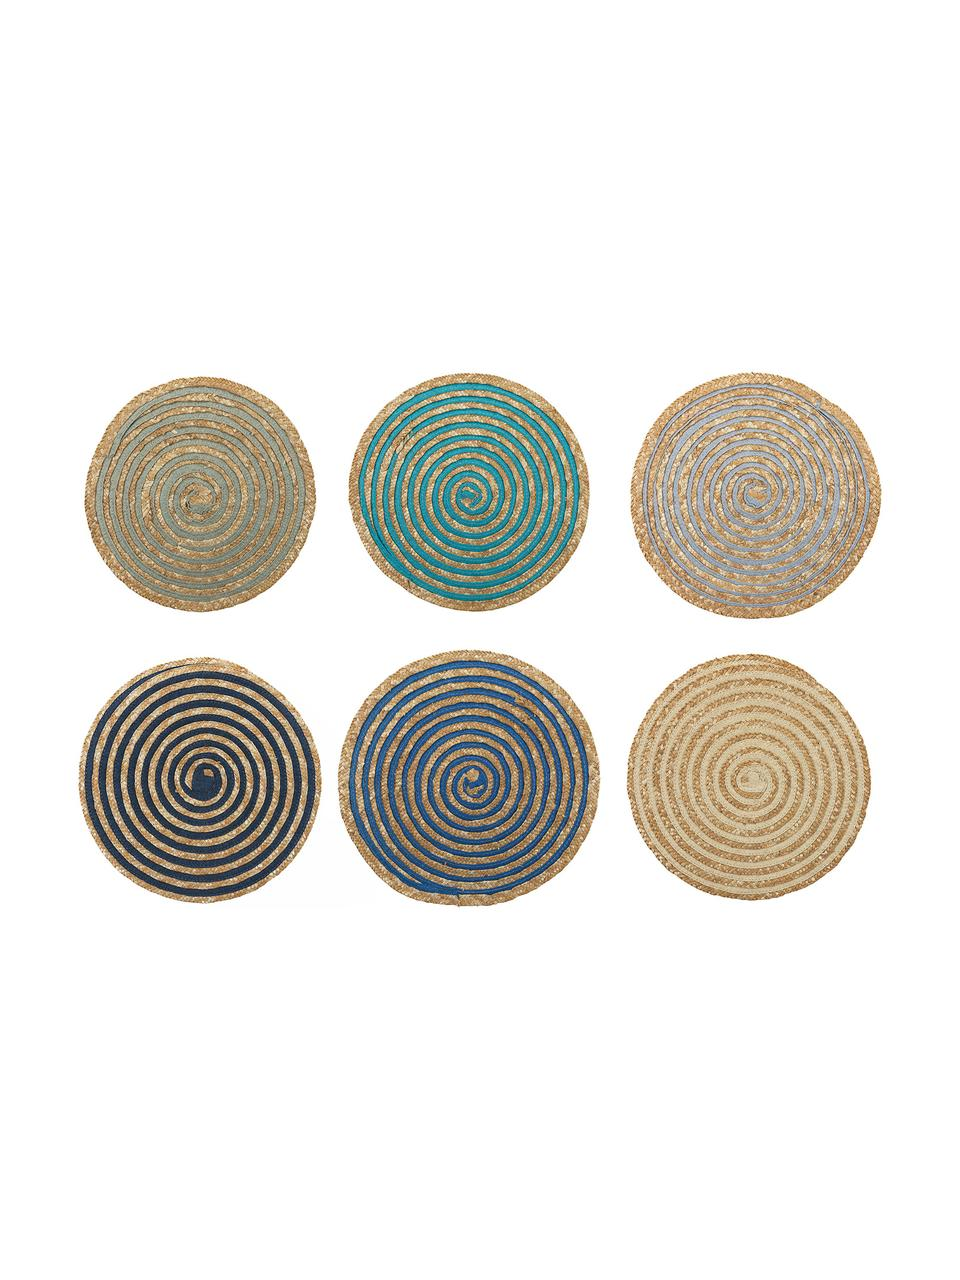 Komplet okrągłych podkładek ze słomy Baita, 6 elem., Włókna łykowe, Beżowy, wielobarwny, Ø 39 cm